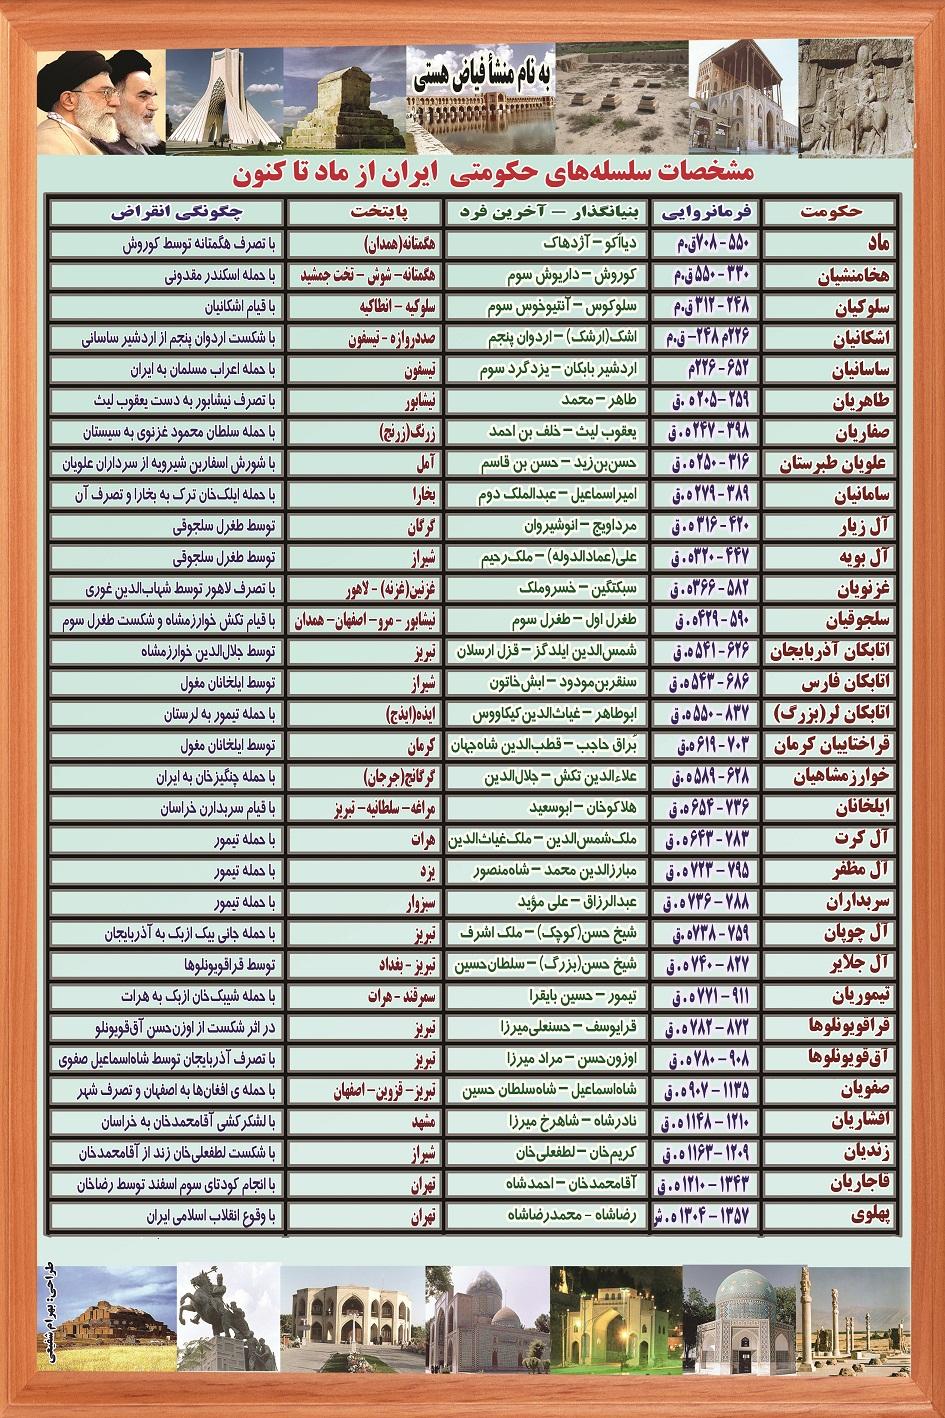 تهیه کننده بهرام شفیعی